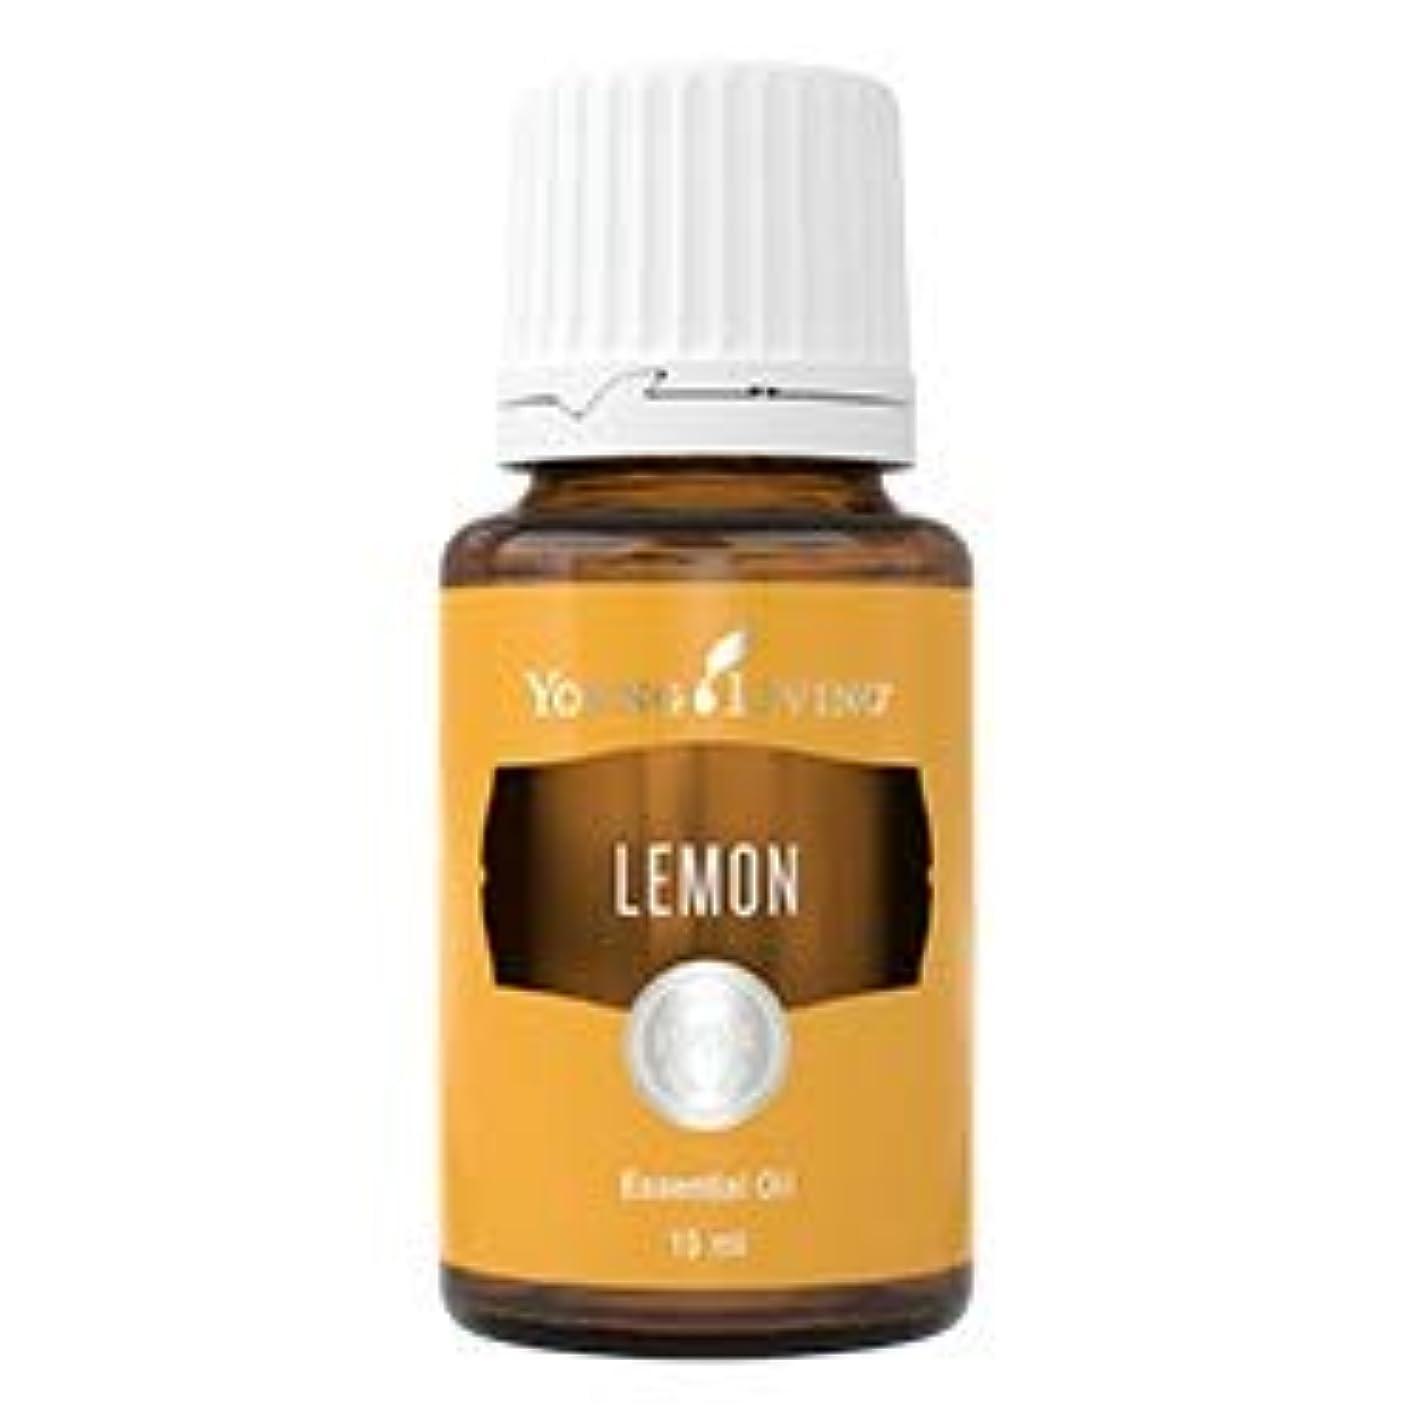 レモンエッセンシャルオイル15 ml byヤングリビングエッセンシャルオイルマレーシア Lemon Essential Oil 15 ml by Young Living Essential Oil Malaysia